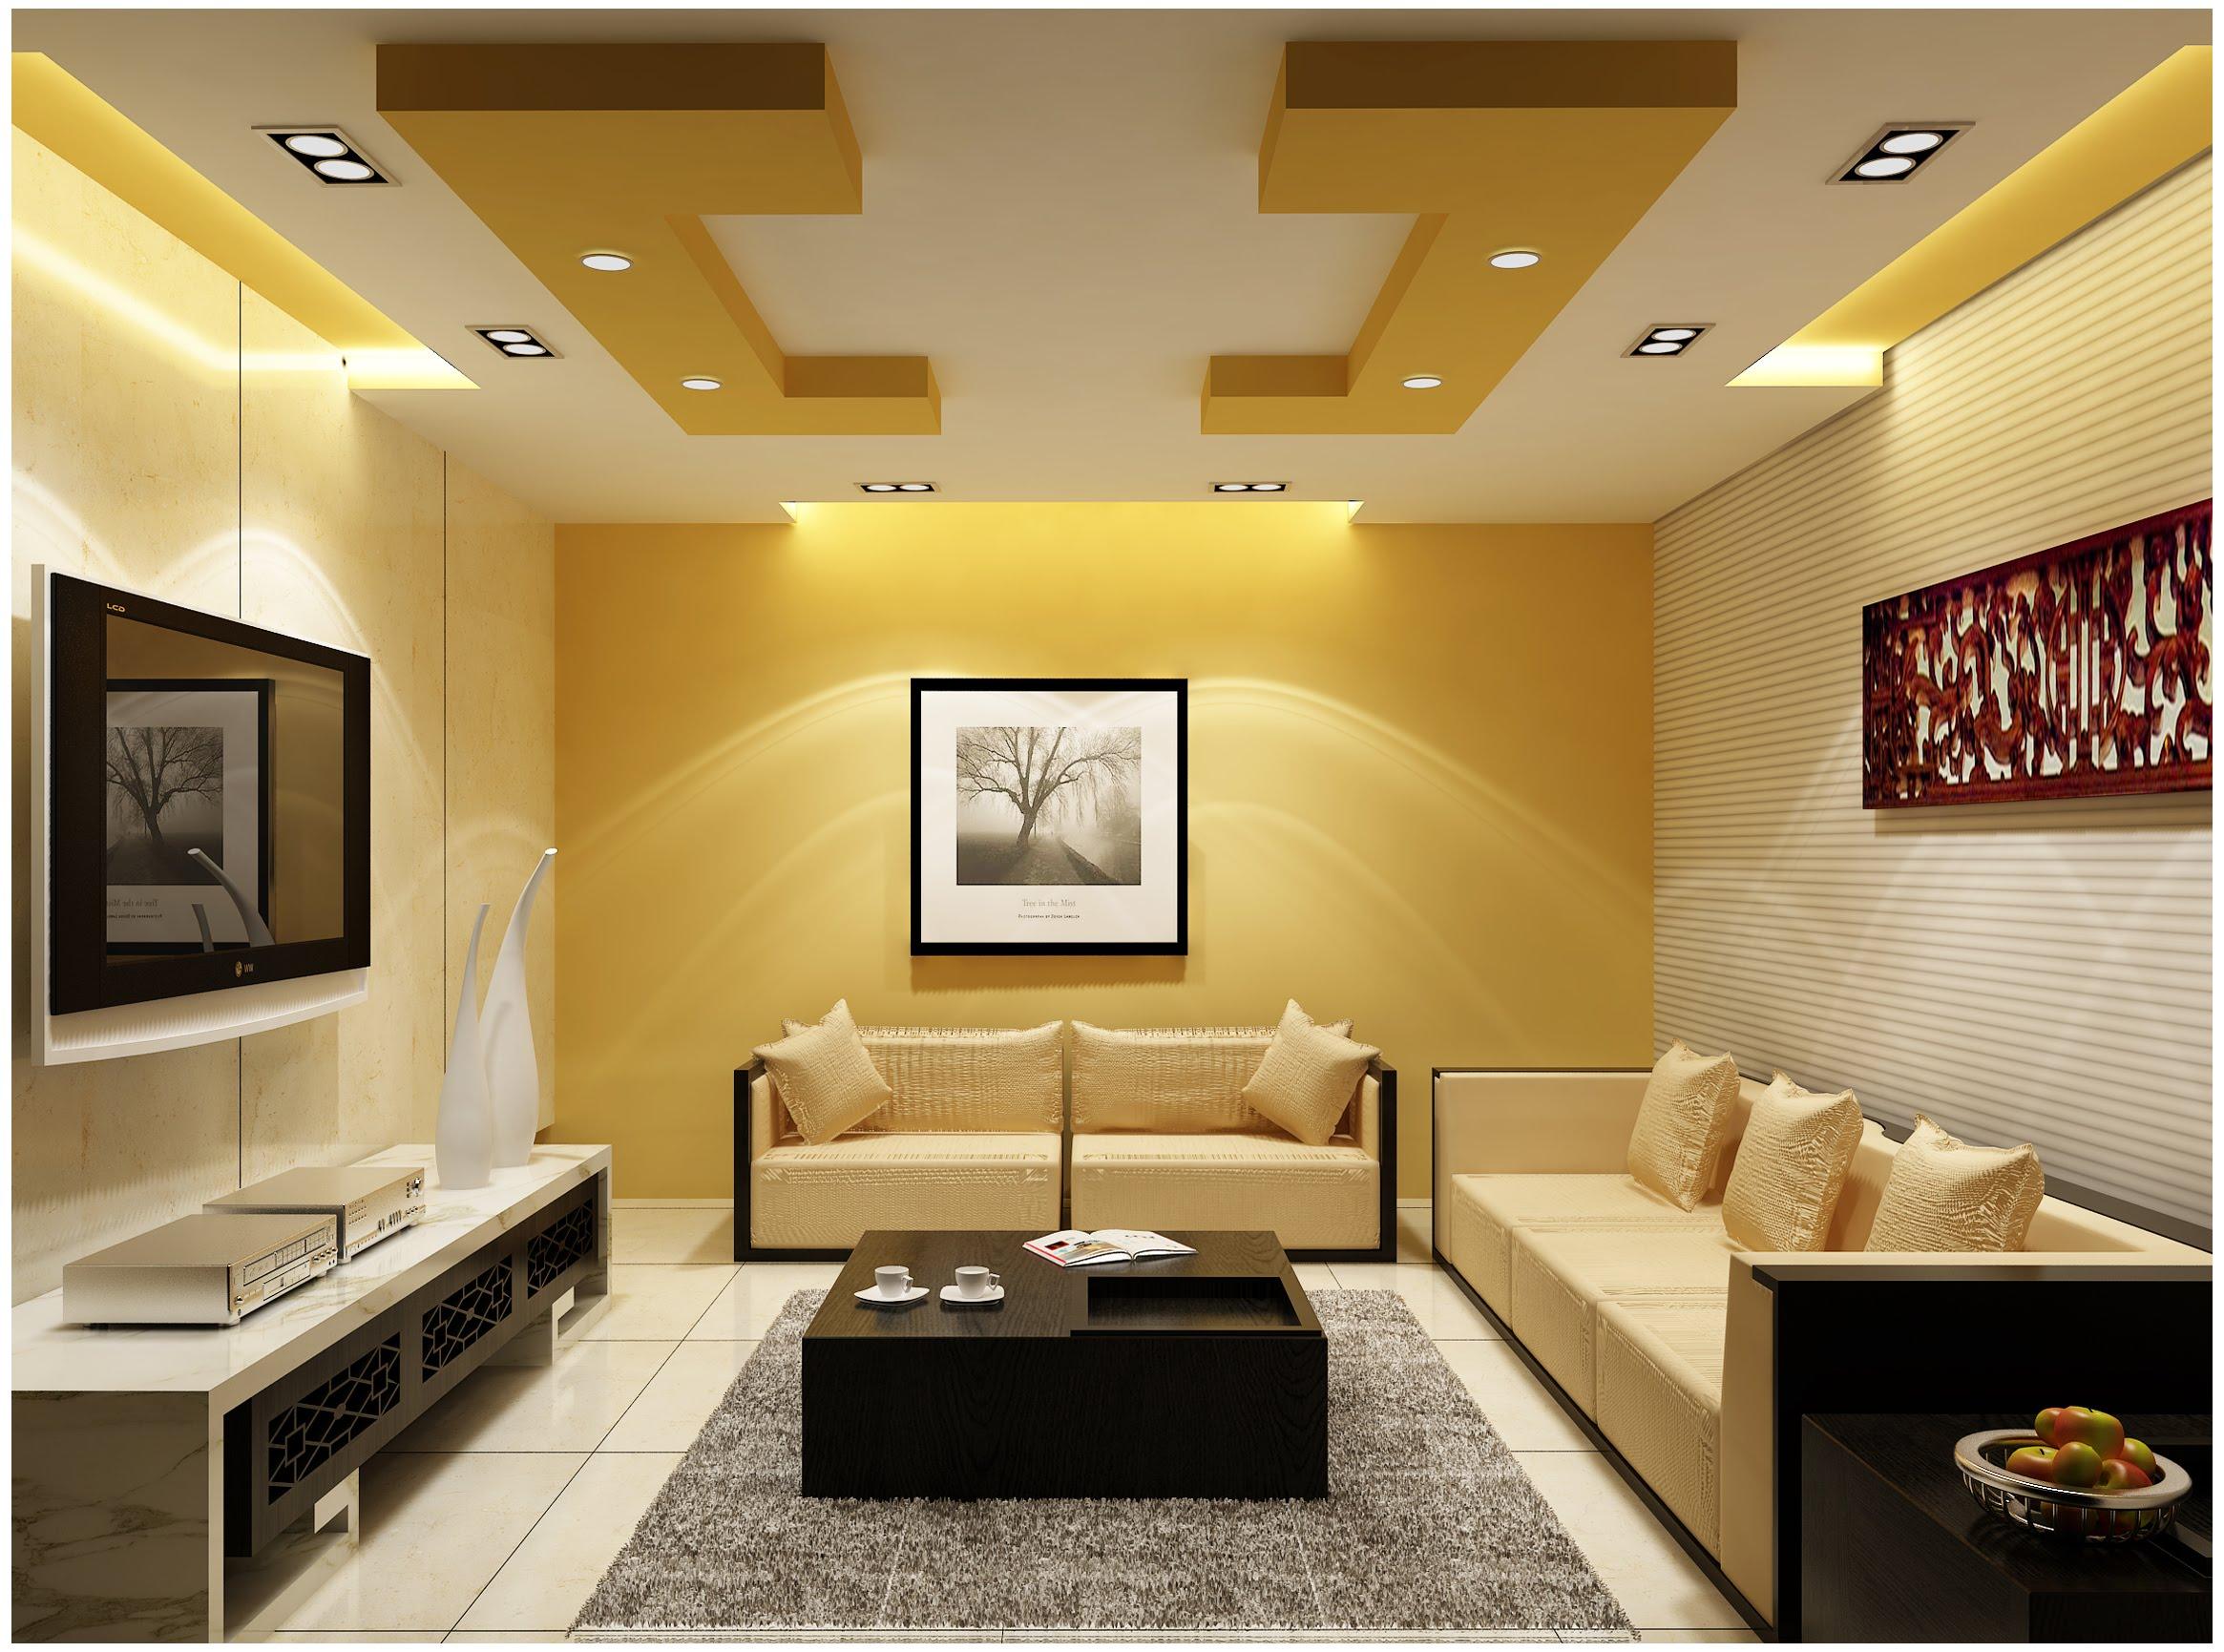 طرح سقف کاذب برای قسمت های مختلف منزل